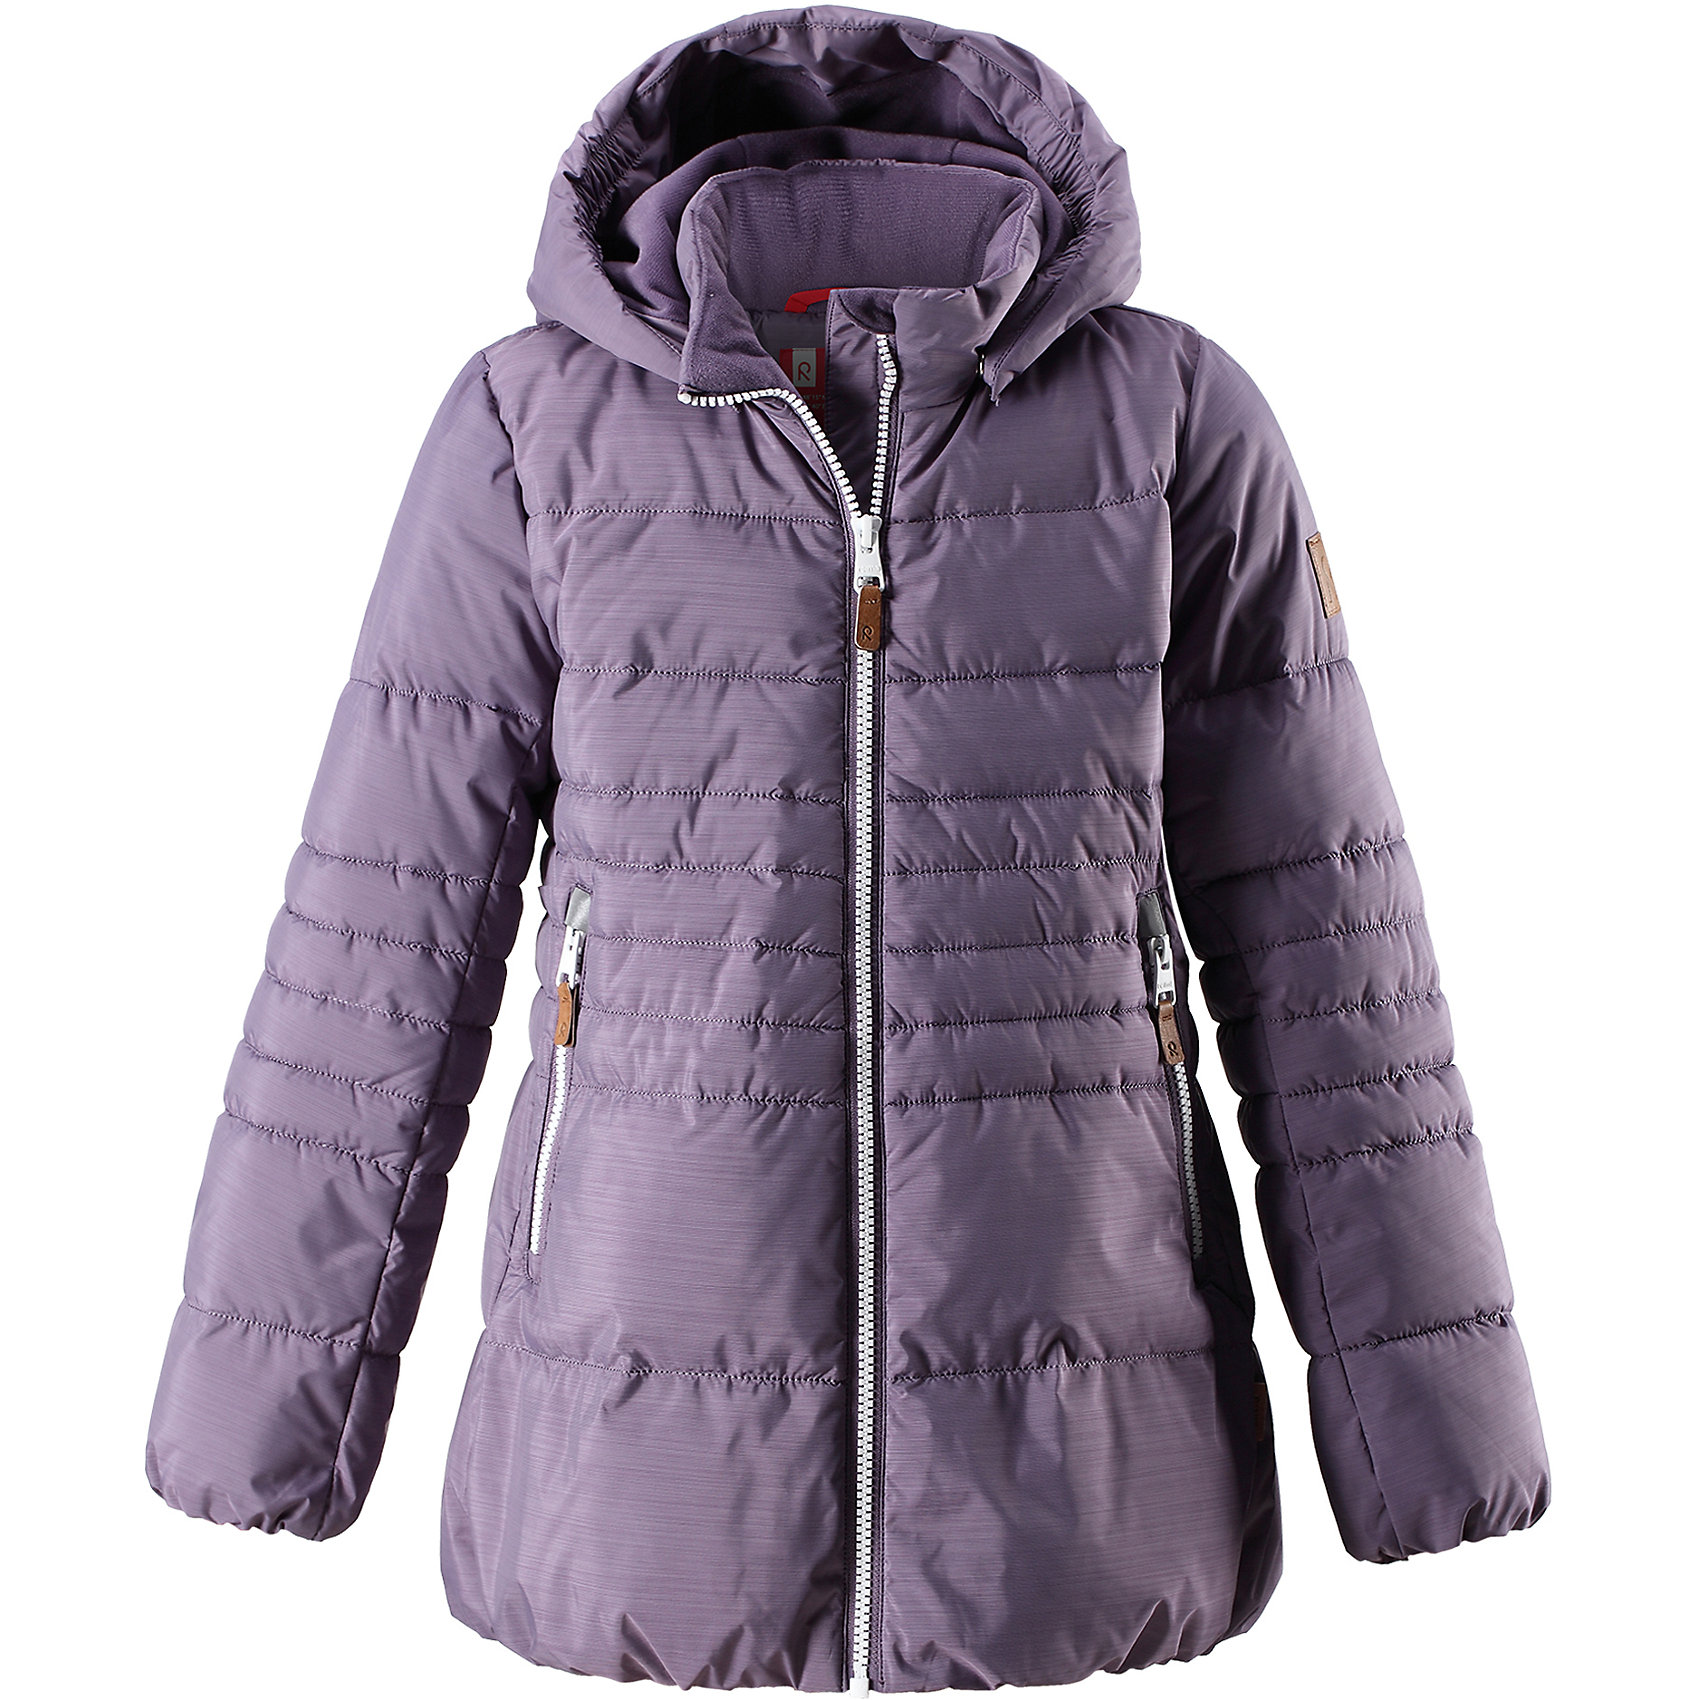 Куртка Reima Liisa для девочкиВерхняя одежда<br>Характеристики товара:<br><br>• цвет: фиолетовый;<br>• состав: 100% полиэстер;<br>• подкладка: 100% полиэстер;<br>• утеплитель: искусственный пух;<br>• сезон: зима;<br>• температурный режим: от 0 до -20С;<br>• водонепроницаемость: 10000 мм;<br>• воздухопроницаемость: 11000 мм;<br>• износостойкость: 30000 циклов (тест Мартиндейла);<br>• водо- и ветронепроницаемый, дышащий и грязеотталкивающий материал;<br>• все швы проклеены и водонепроницаемы;<br>• застежка: молния с защитой подбородка;<br>• гладкая подкладка из полиэстера;<br>• безопасный съемный капюшон;<br>• эластичные манжеты и подол;<br>• два кармана на молнии;<br>• светоотражающие детали;<br>• страна бренда: Финляндия;<br>• страна изготовитель: Китай.<br><br>Детская непромокаемая зимняя куртка изготовлена из водо и ветронепроницаемого, дышащего материала с грязеотталкивающими свойствами. Благодаря гладкой подкладке из полиэстера, куртку легко надевать и удобно носить даже с дополнительным теплым промежуточным слоем.<br><br>Эта модель для девочек снабжена эластичным подолом и манжетами. Съемный и регулируемый капюшон защищает от пронизывающего ветра и дождя, а еще он безопасен во время игр на свежем воздухе. В куртке предусмотрены два кармана на молнии и светоотражающие детали.<br><br>Куртку Liisa для девочки Reima от финского бренда Reima (Рейма) можно купить в нашем интернет-магазине<br><br>Ширина мм: 356<br>Глубина мм: 10<br>Высота мм: 245<br>Вес г: 519<br>Цвет: лиловый<br>Возраст от месяцев: 156<br>Возраст до месяцев: 168<br>Пол: Женский<br>Возраст: Детский<br>Размер: 164,158,152,146,140,134,128,122,116,110,104<br>SKU: 6968239